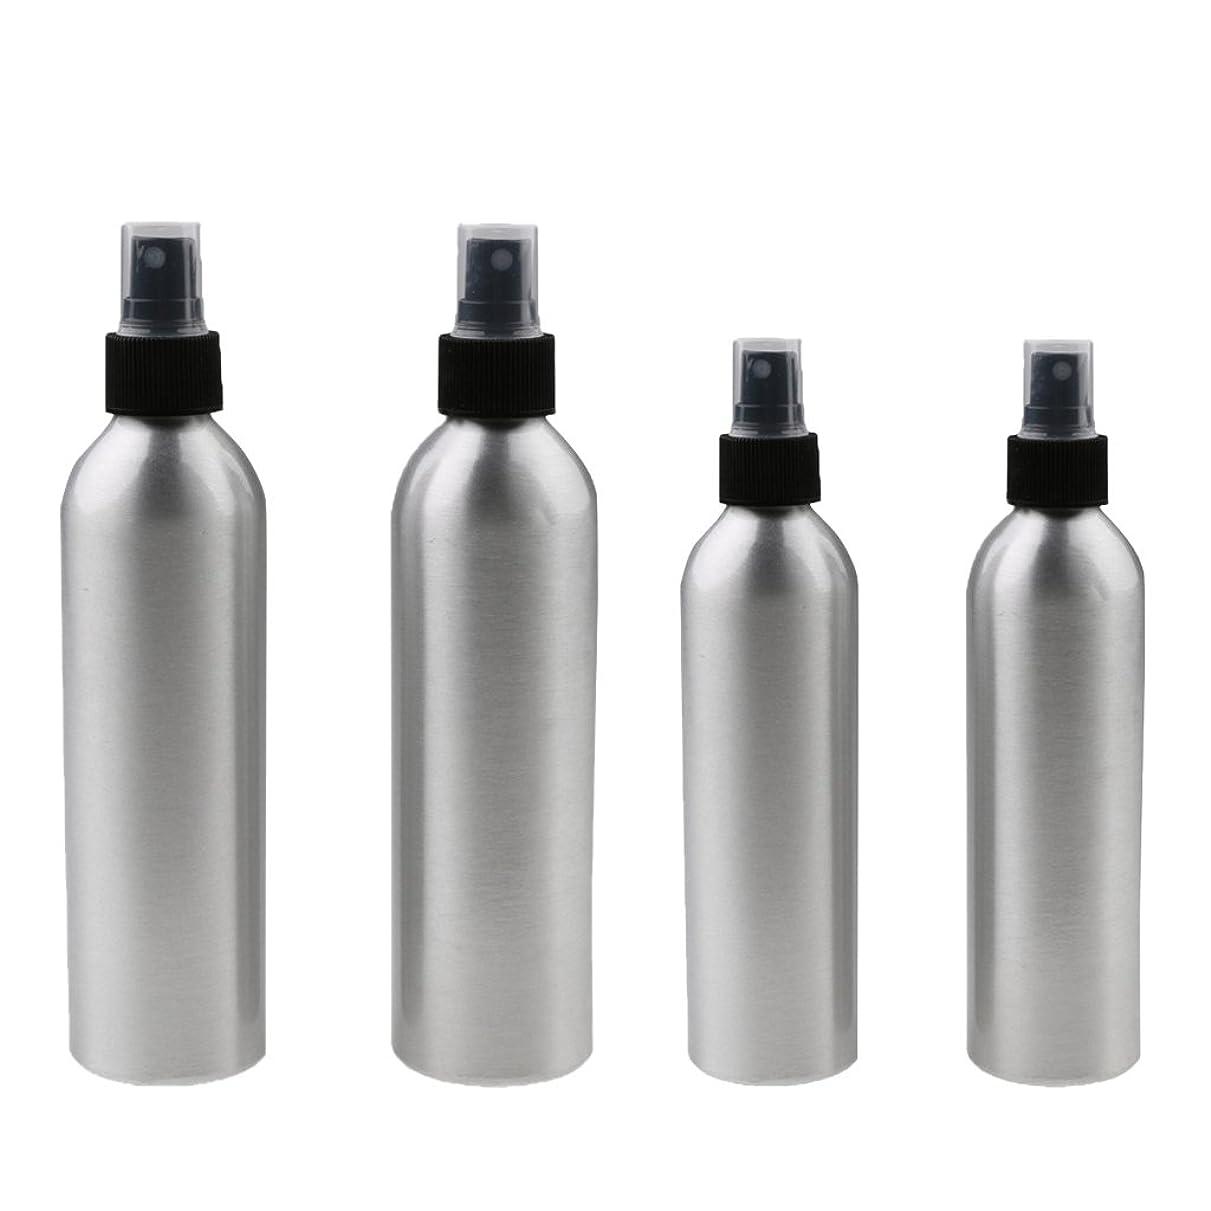 強調ふつう今日Kesoto 4本入り スプレーボトル 100mlと150ml各2本 アルミミスト スプレー 香水 ボトル スプレーアトマイザー